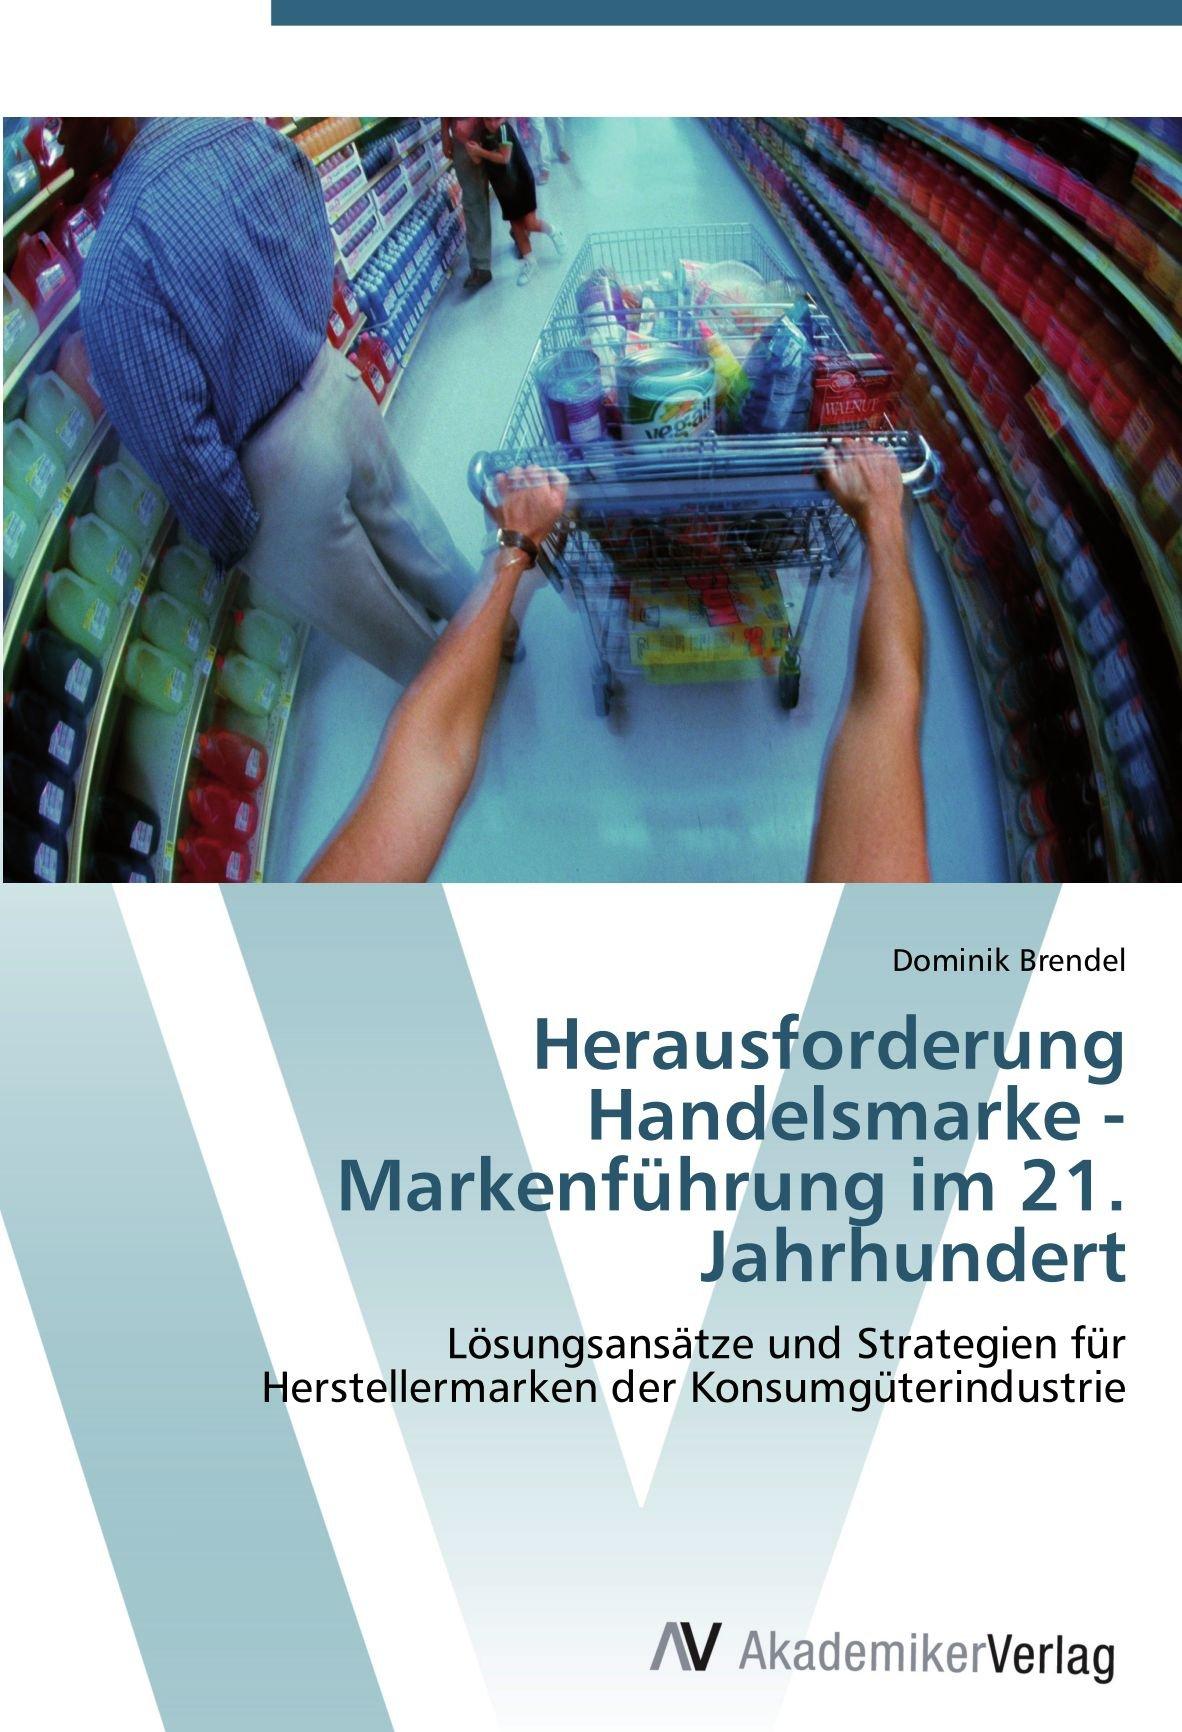 Download Herausforderung Handelsmarke - Markenführung im 21. Jahrhundert: Lösungsansätze und Strategien für Herstellermarken der Konsumgüterindustrie (German Edition) ebook